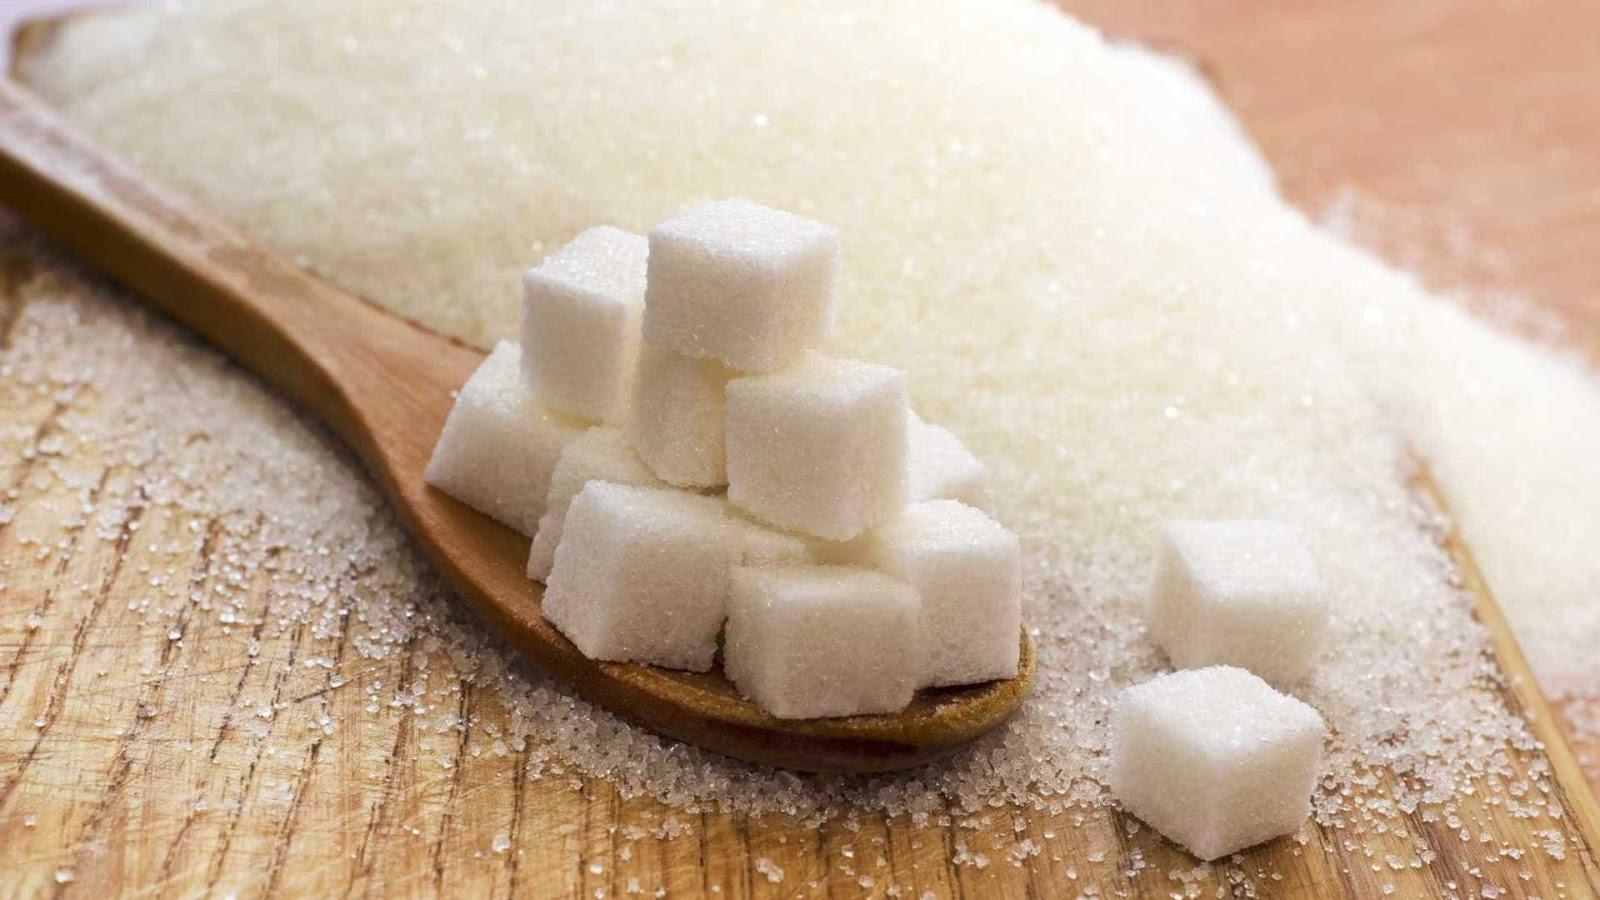 [Estudo] Açúcar em excesso pode favorecer depressão e ansiedade